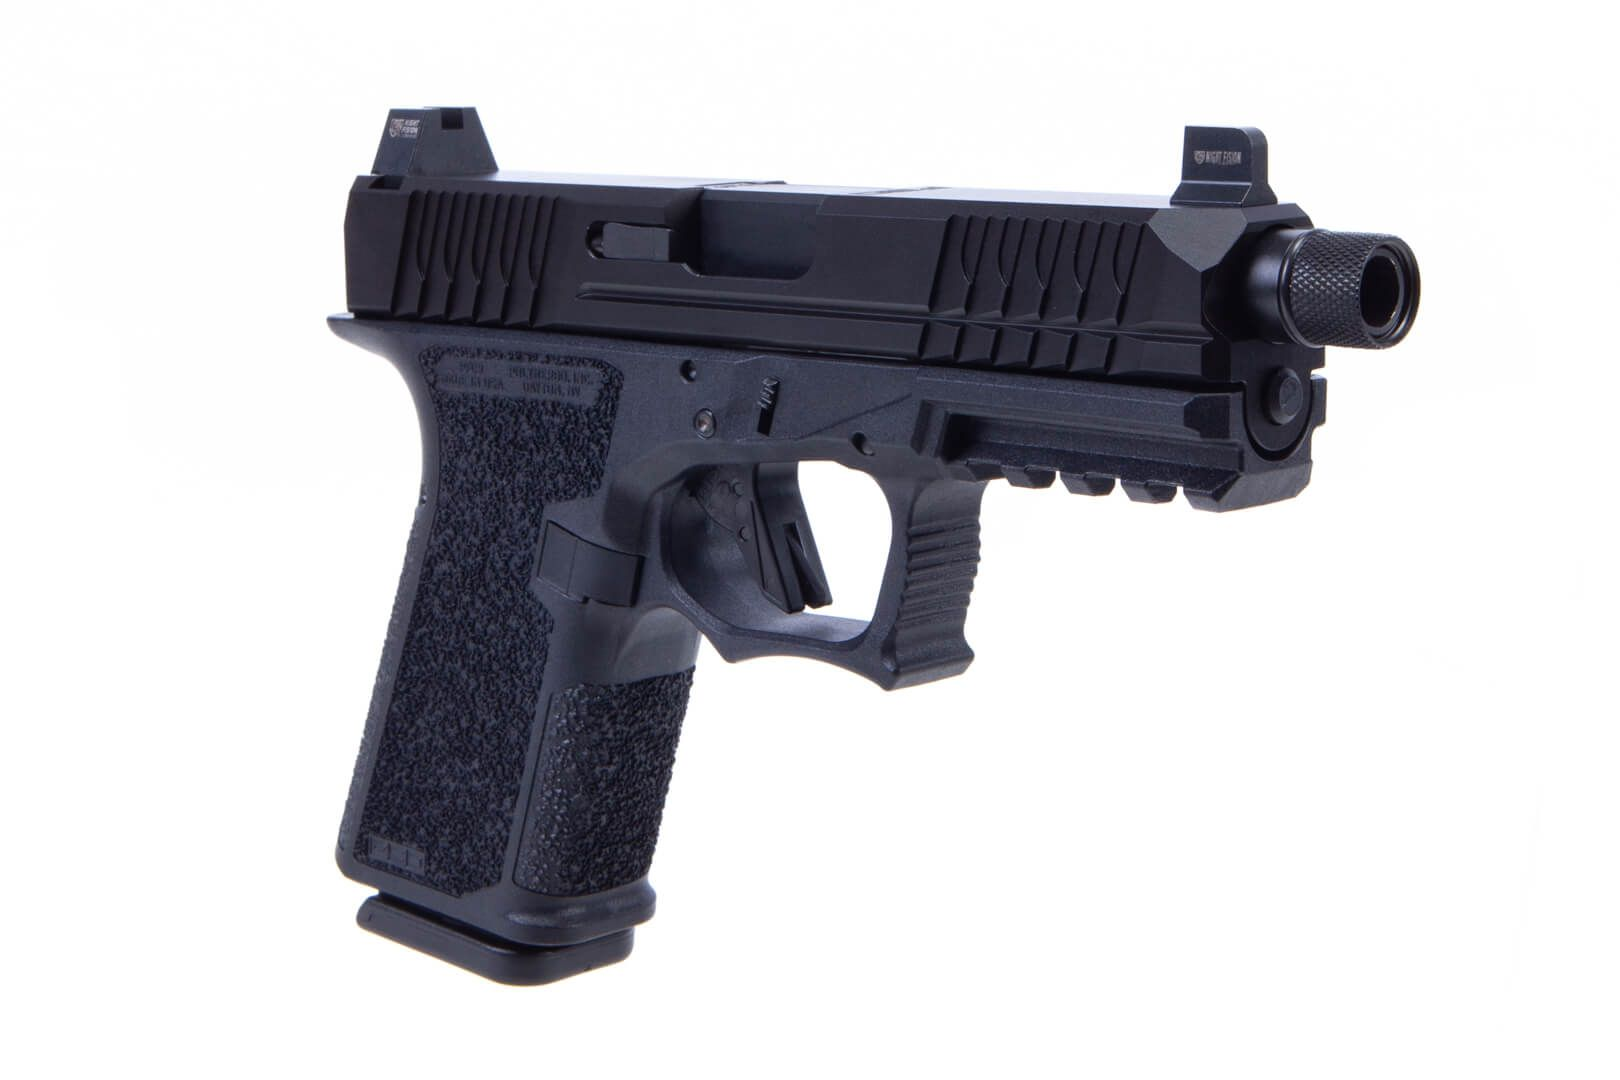 http://n3.datasn.io/data/api/v1/n3_lyz/guns_for_sale/main/image/da/0d/19/5a/da0d195a2bcd0d9bdae81357b47f128b9fc24f50.jpg